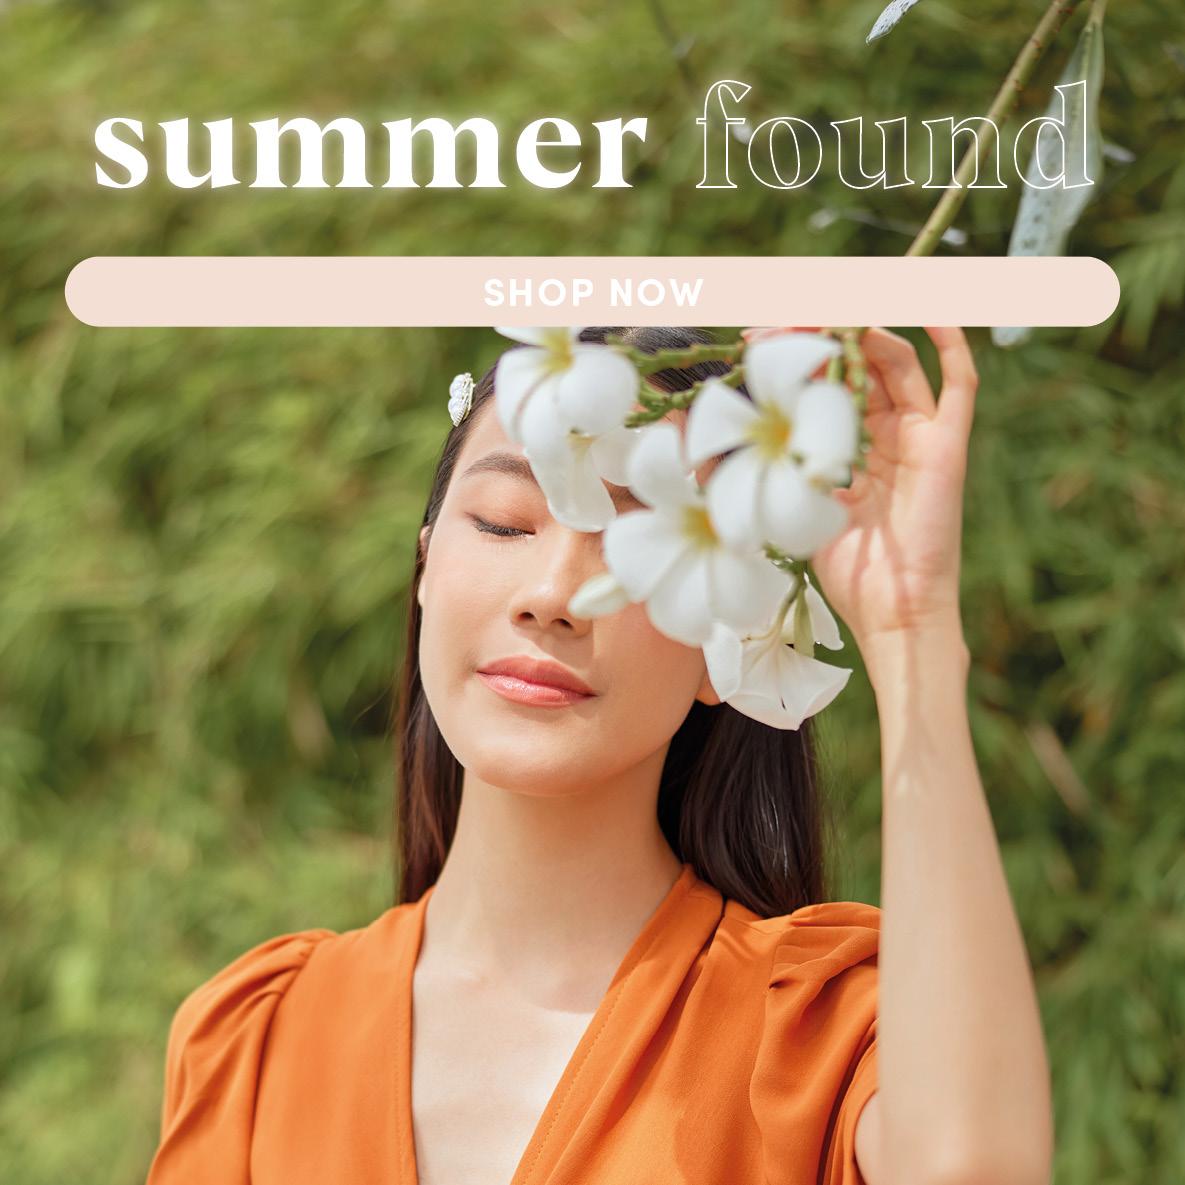 Summer Found